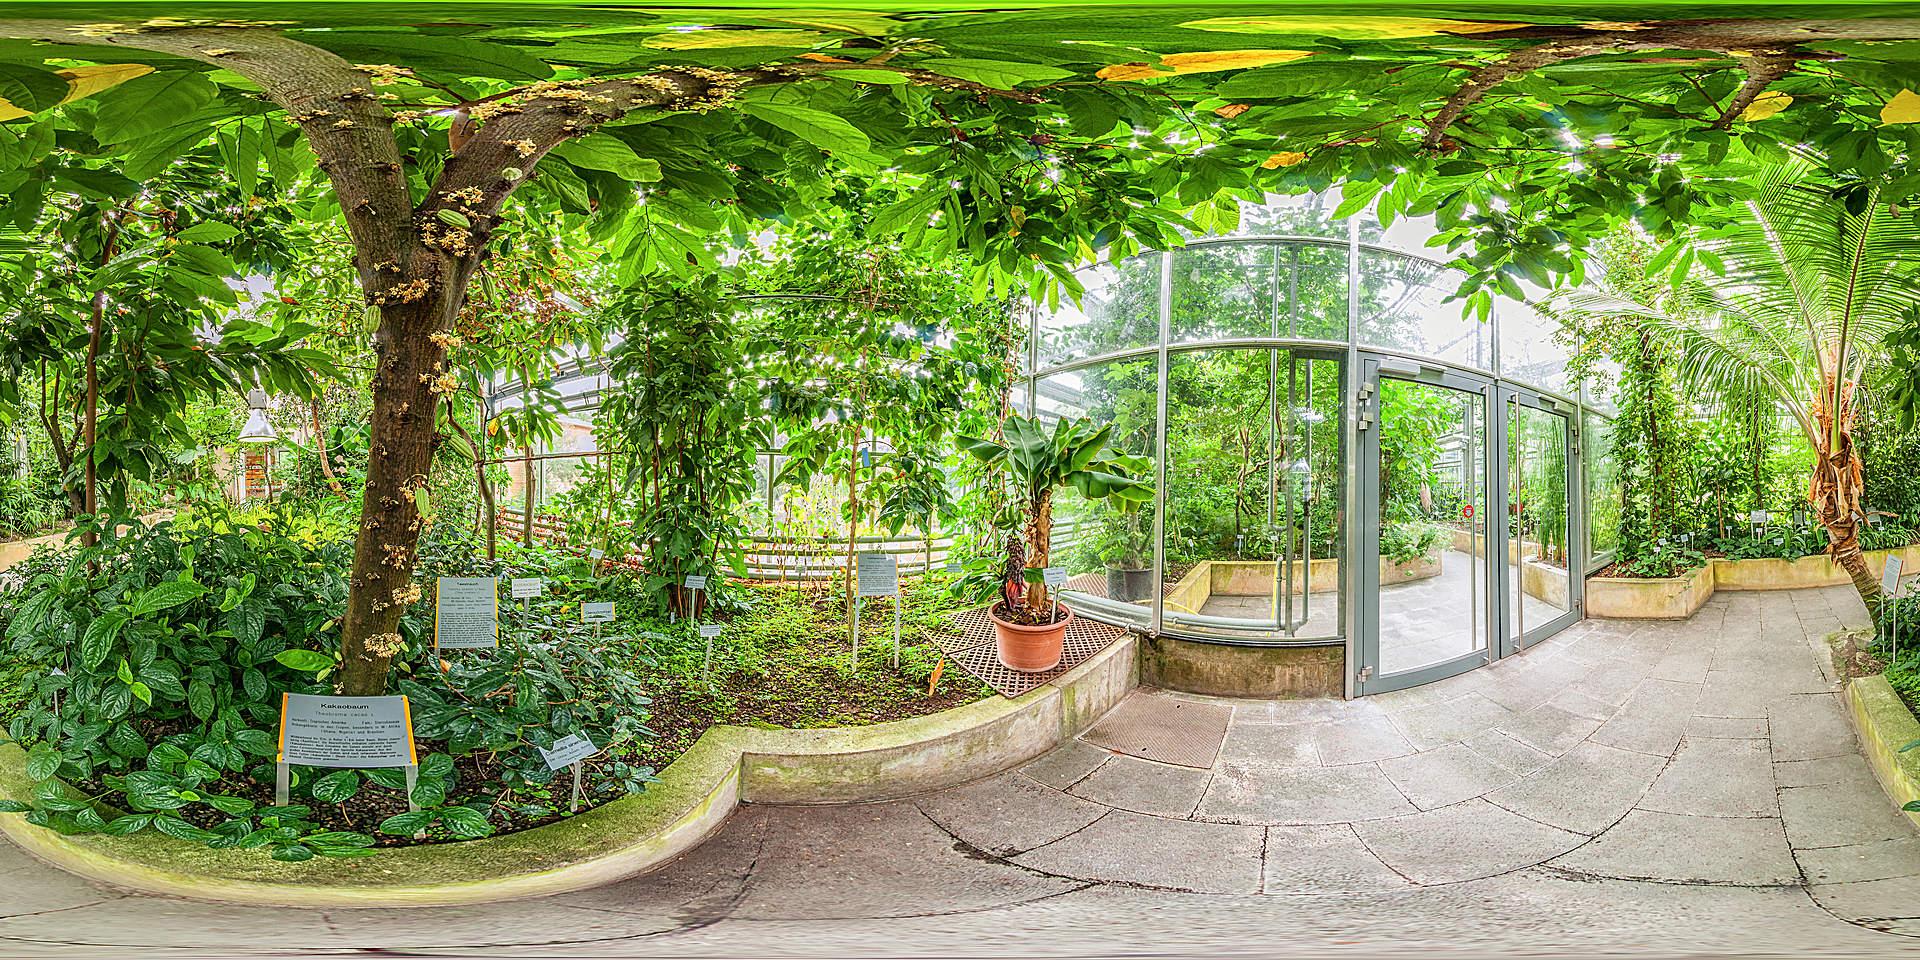 Botanischer Garten Würzburg -Tropische und subtropische Nutzpflanzen